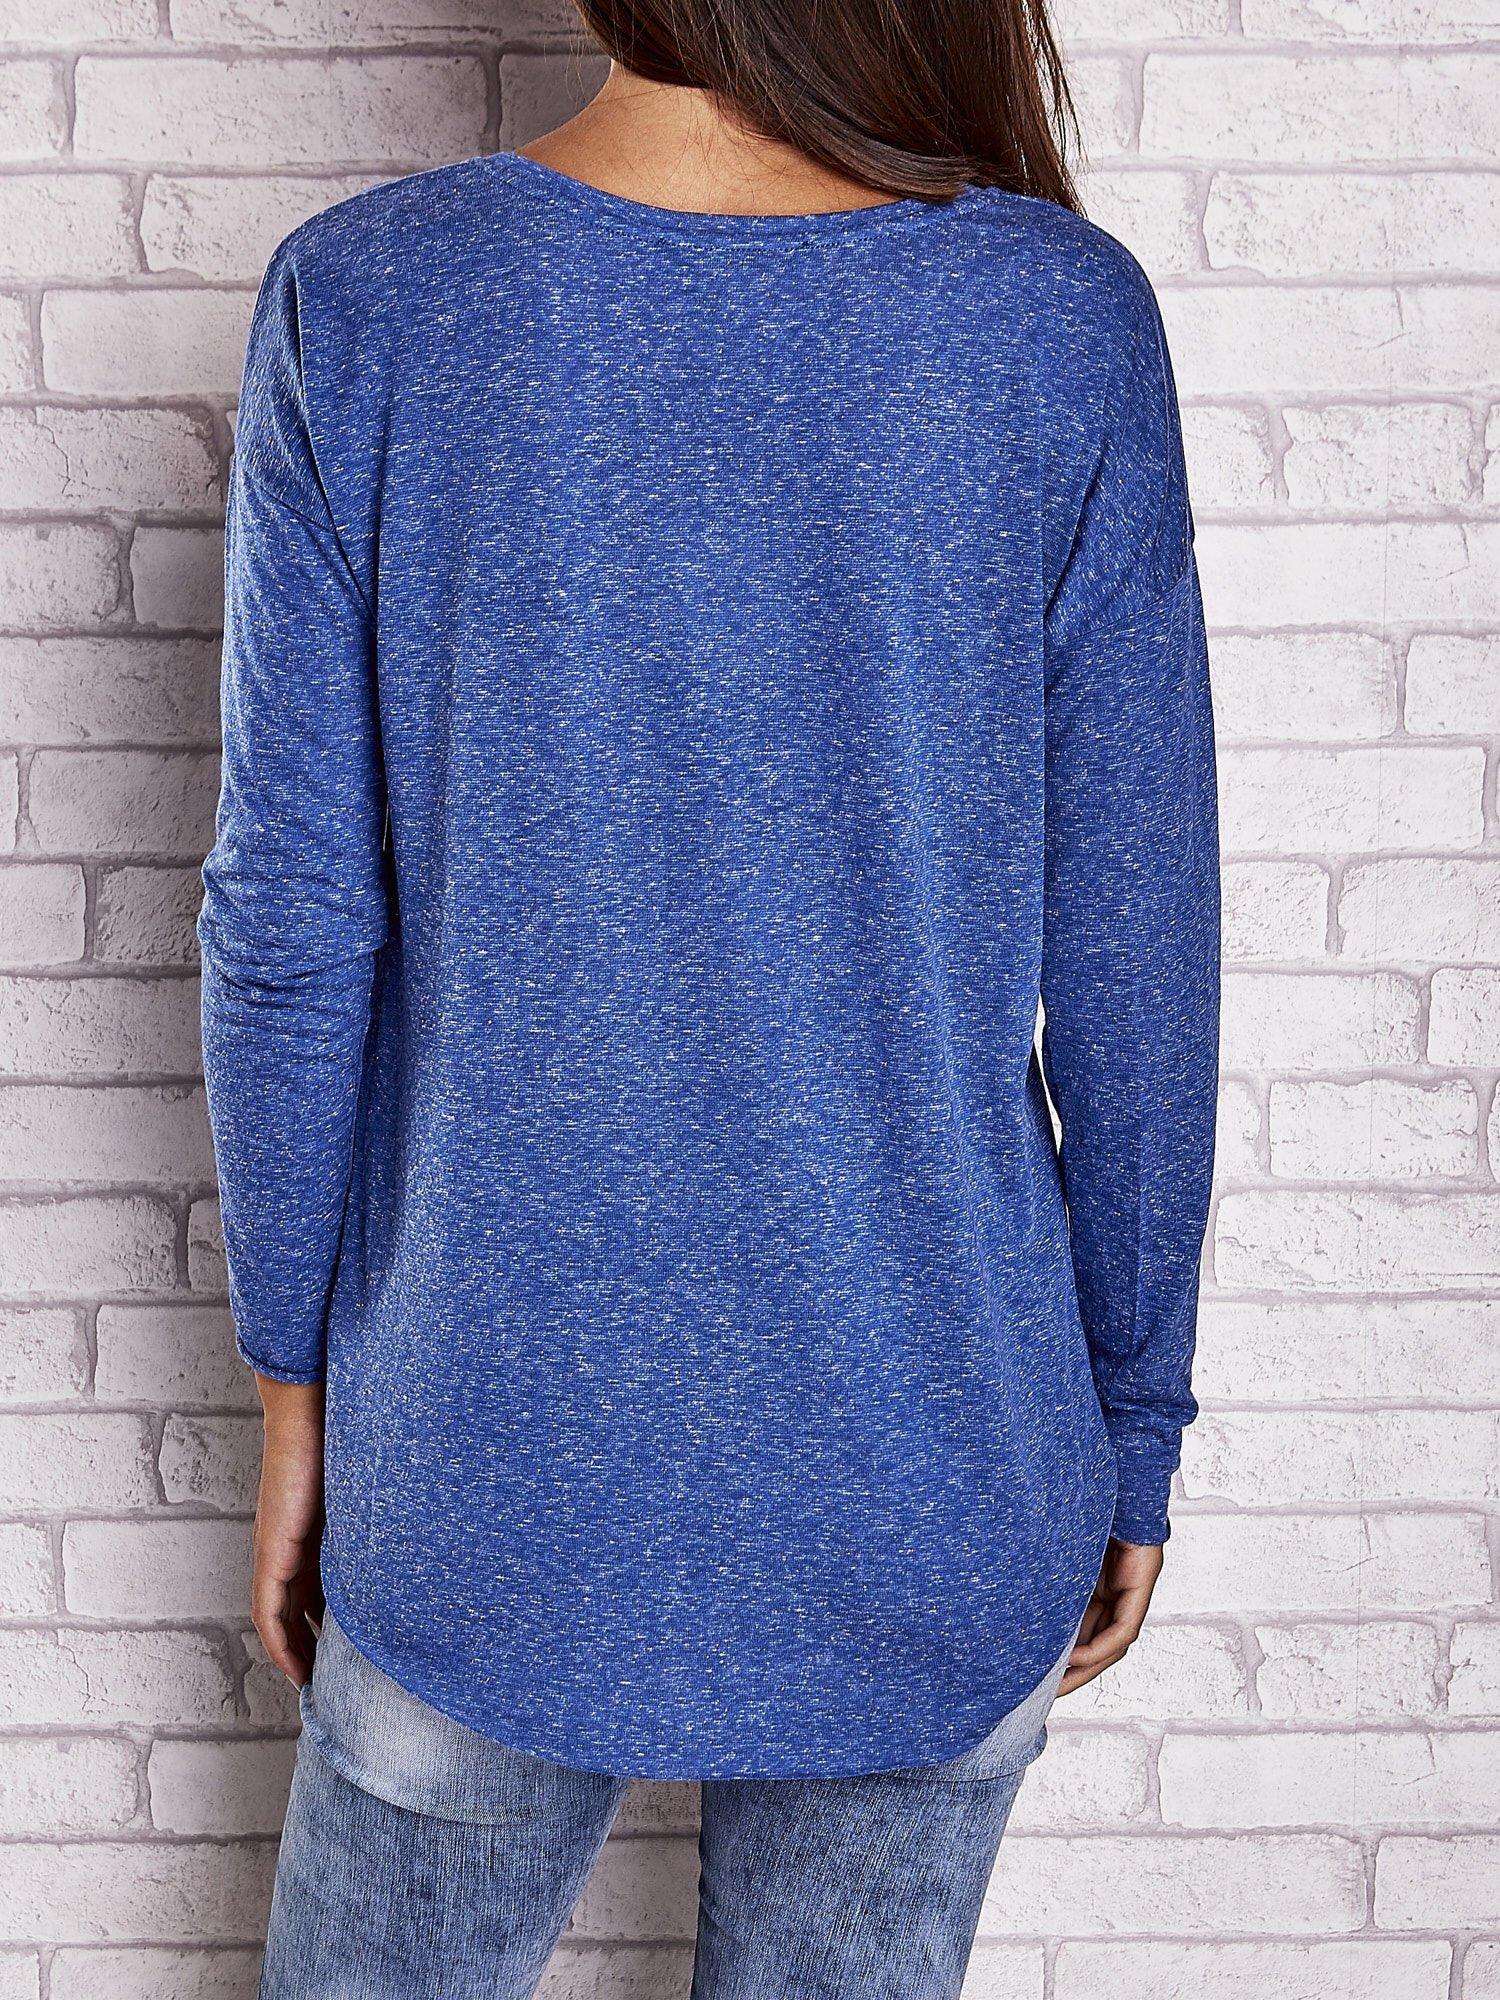 Ciemnoniebieska bluzka z surowym wykończeniem                                  zdj.                                  5